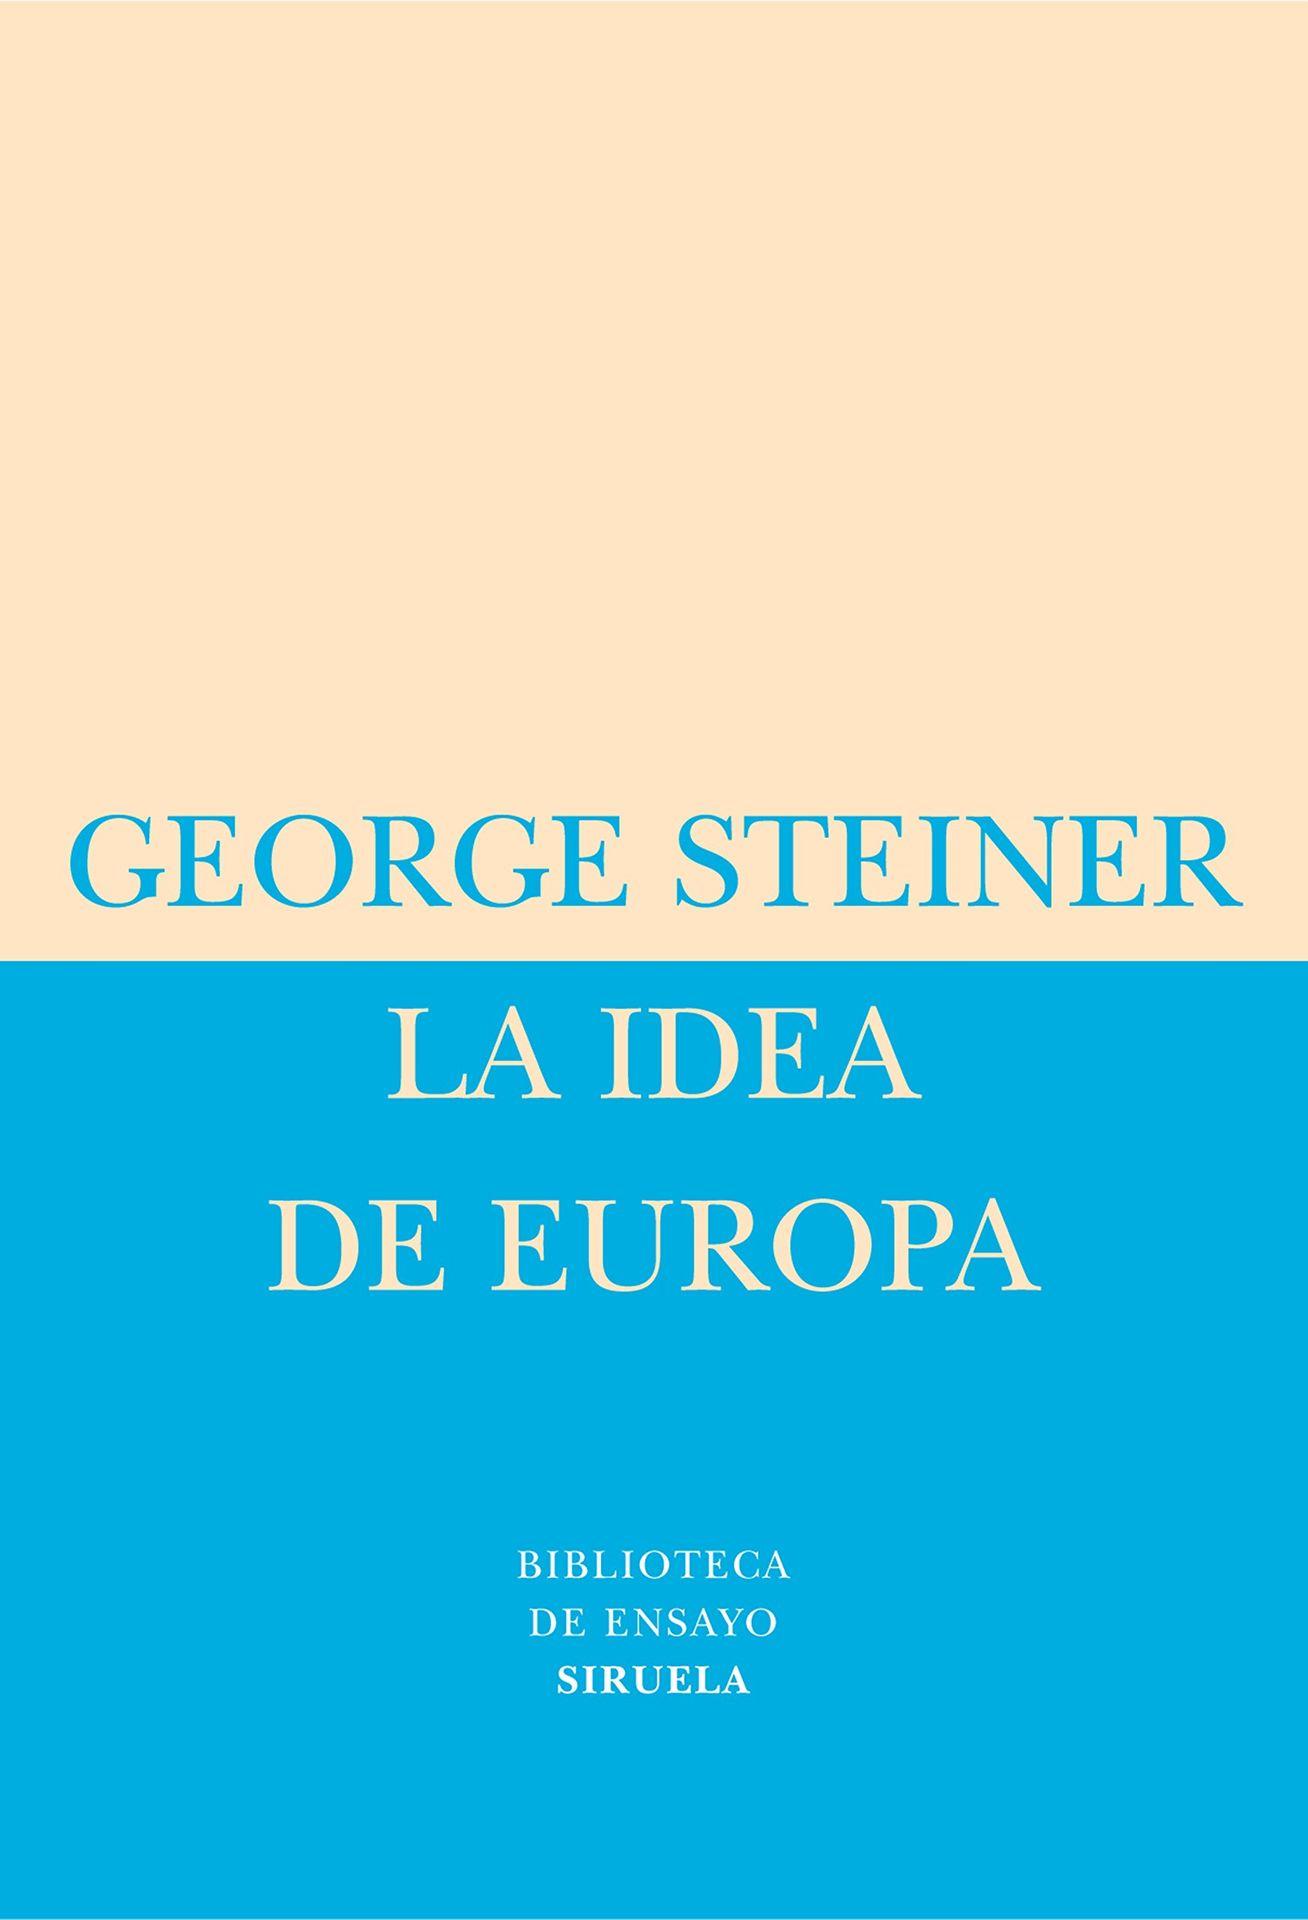 steiner-la-idea-de-europa.jpg